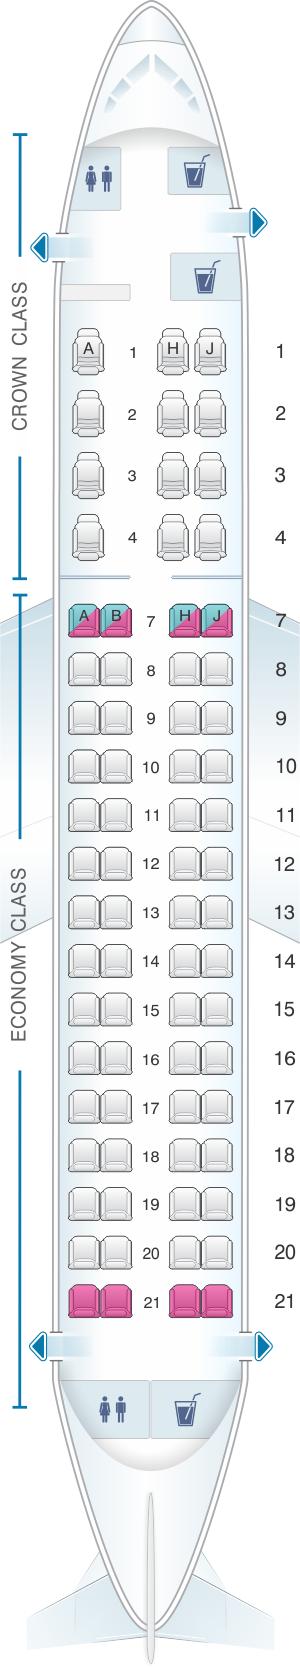 Seat map for Royal Jordanian Embarer EMB 175